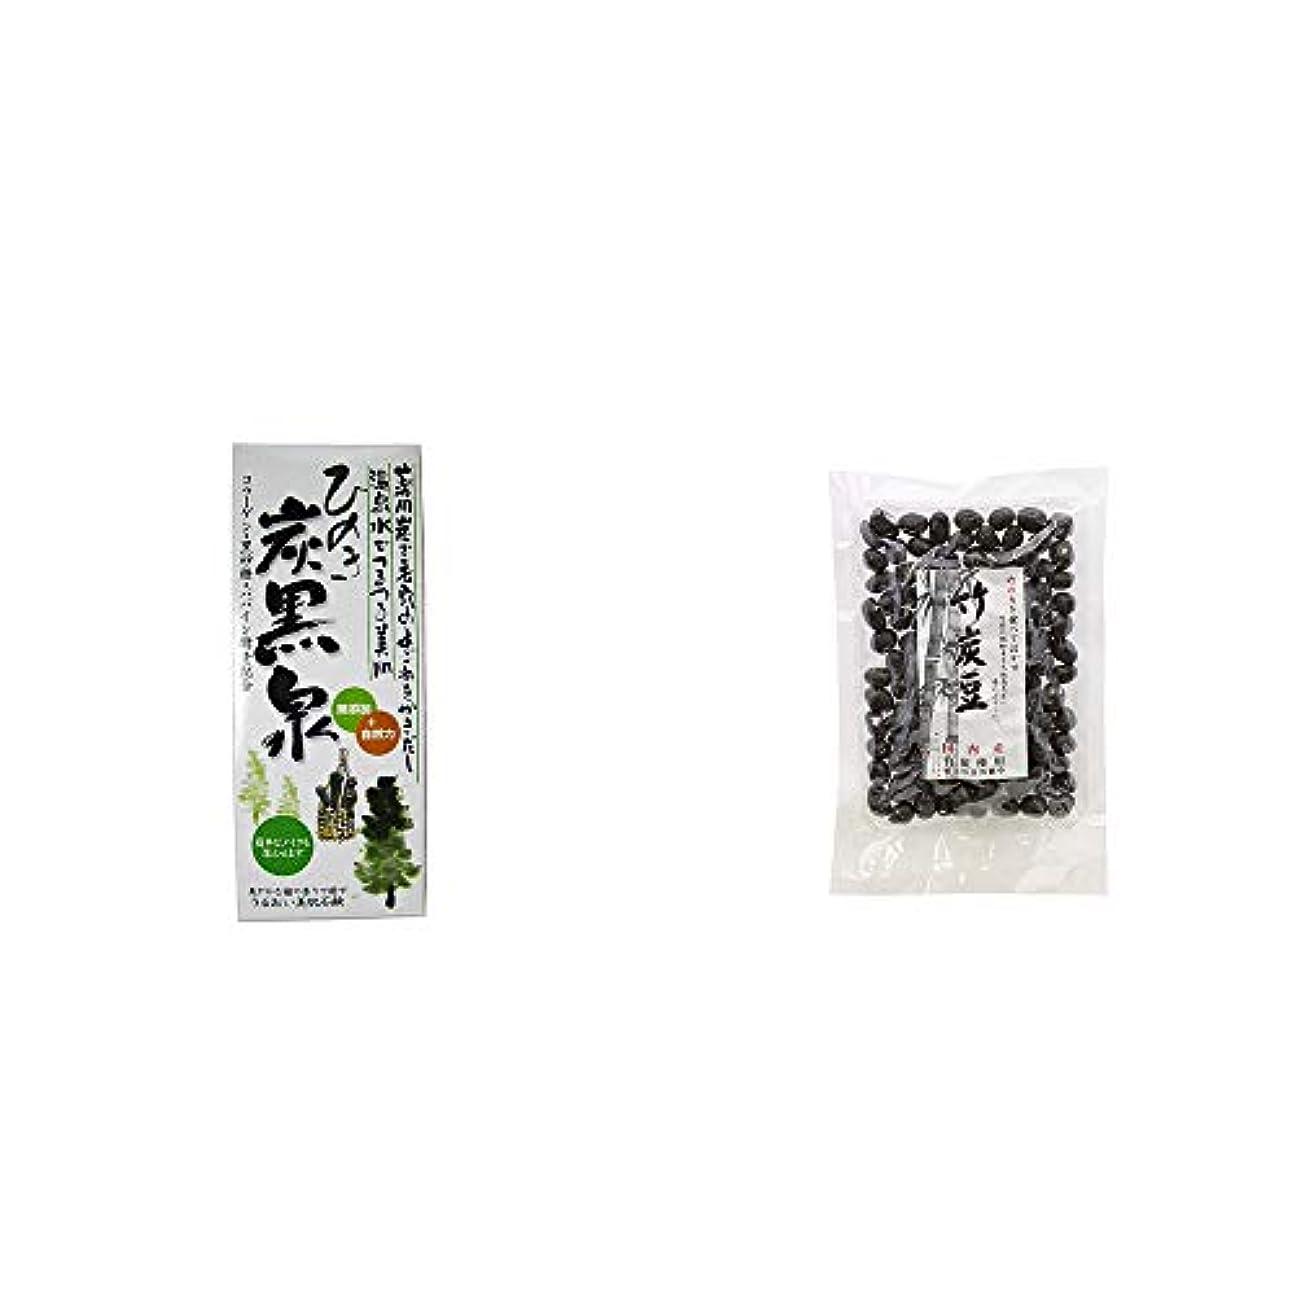 恨みミスペンド完全に[2点セット] ひのき炭黒泉 箱入り(75g×3)?国内産 竹炭使用 竹炭豆(160g)